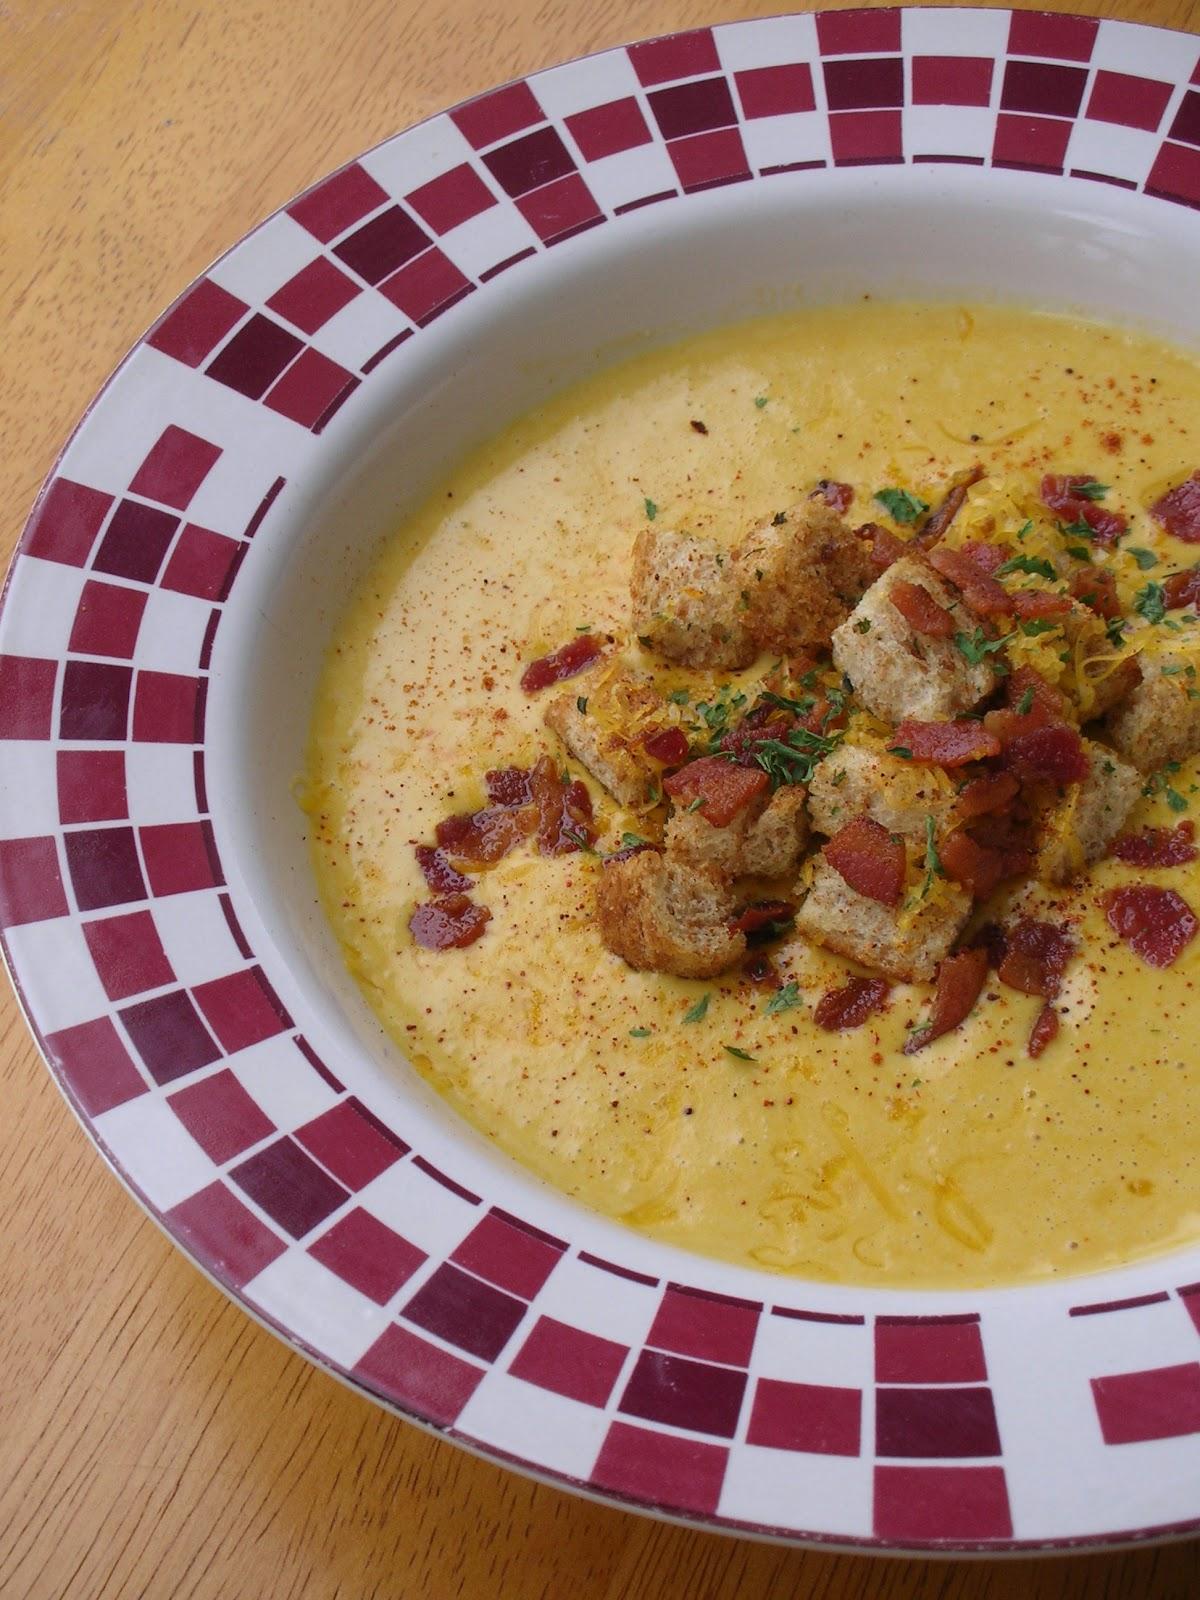 Basil: Cheddar-Ale Soup